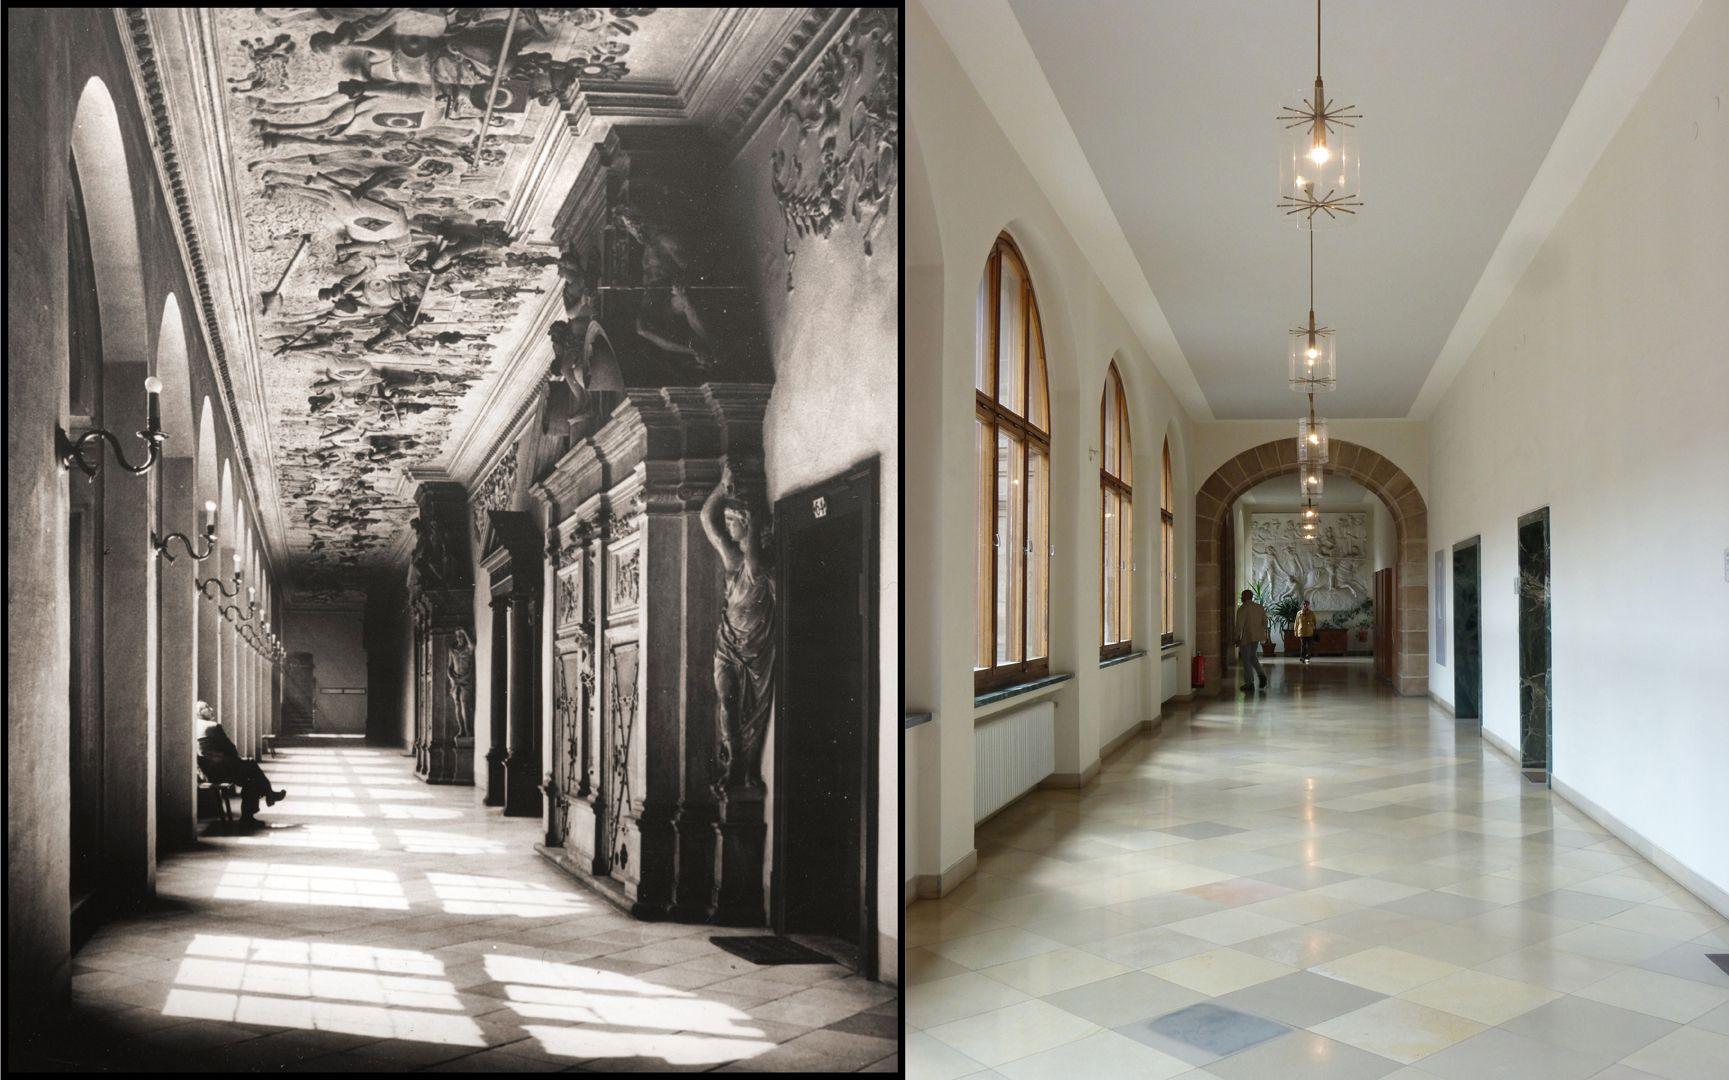 Gesellenstechen Fotografie vor 1945 und heutiger Zustand